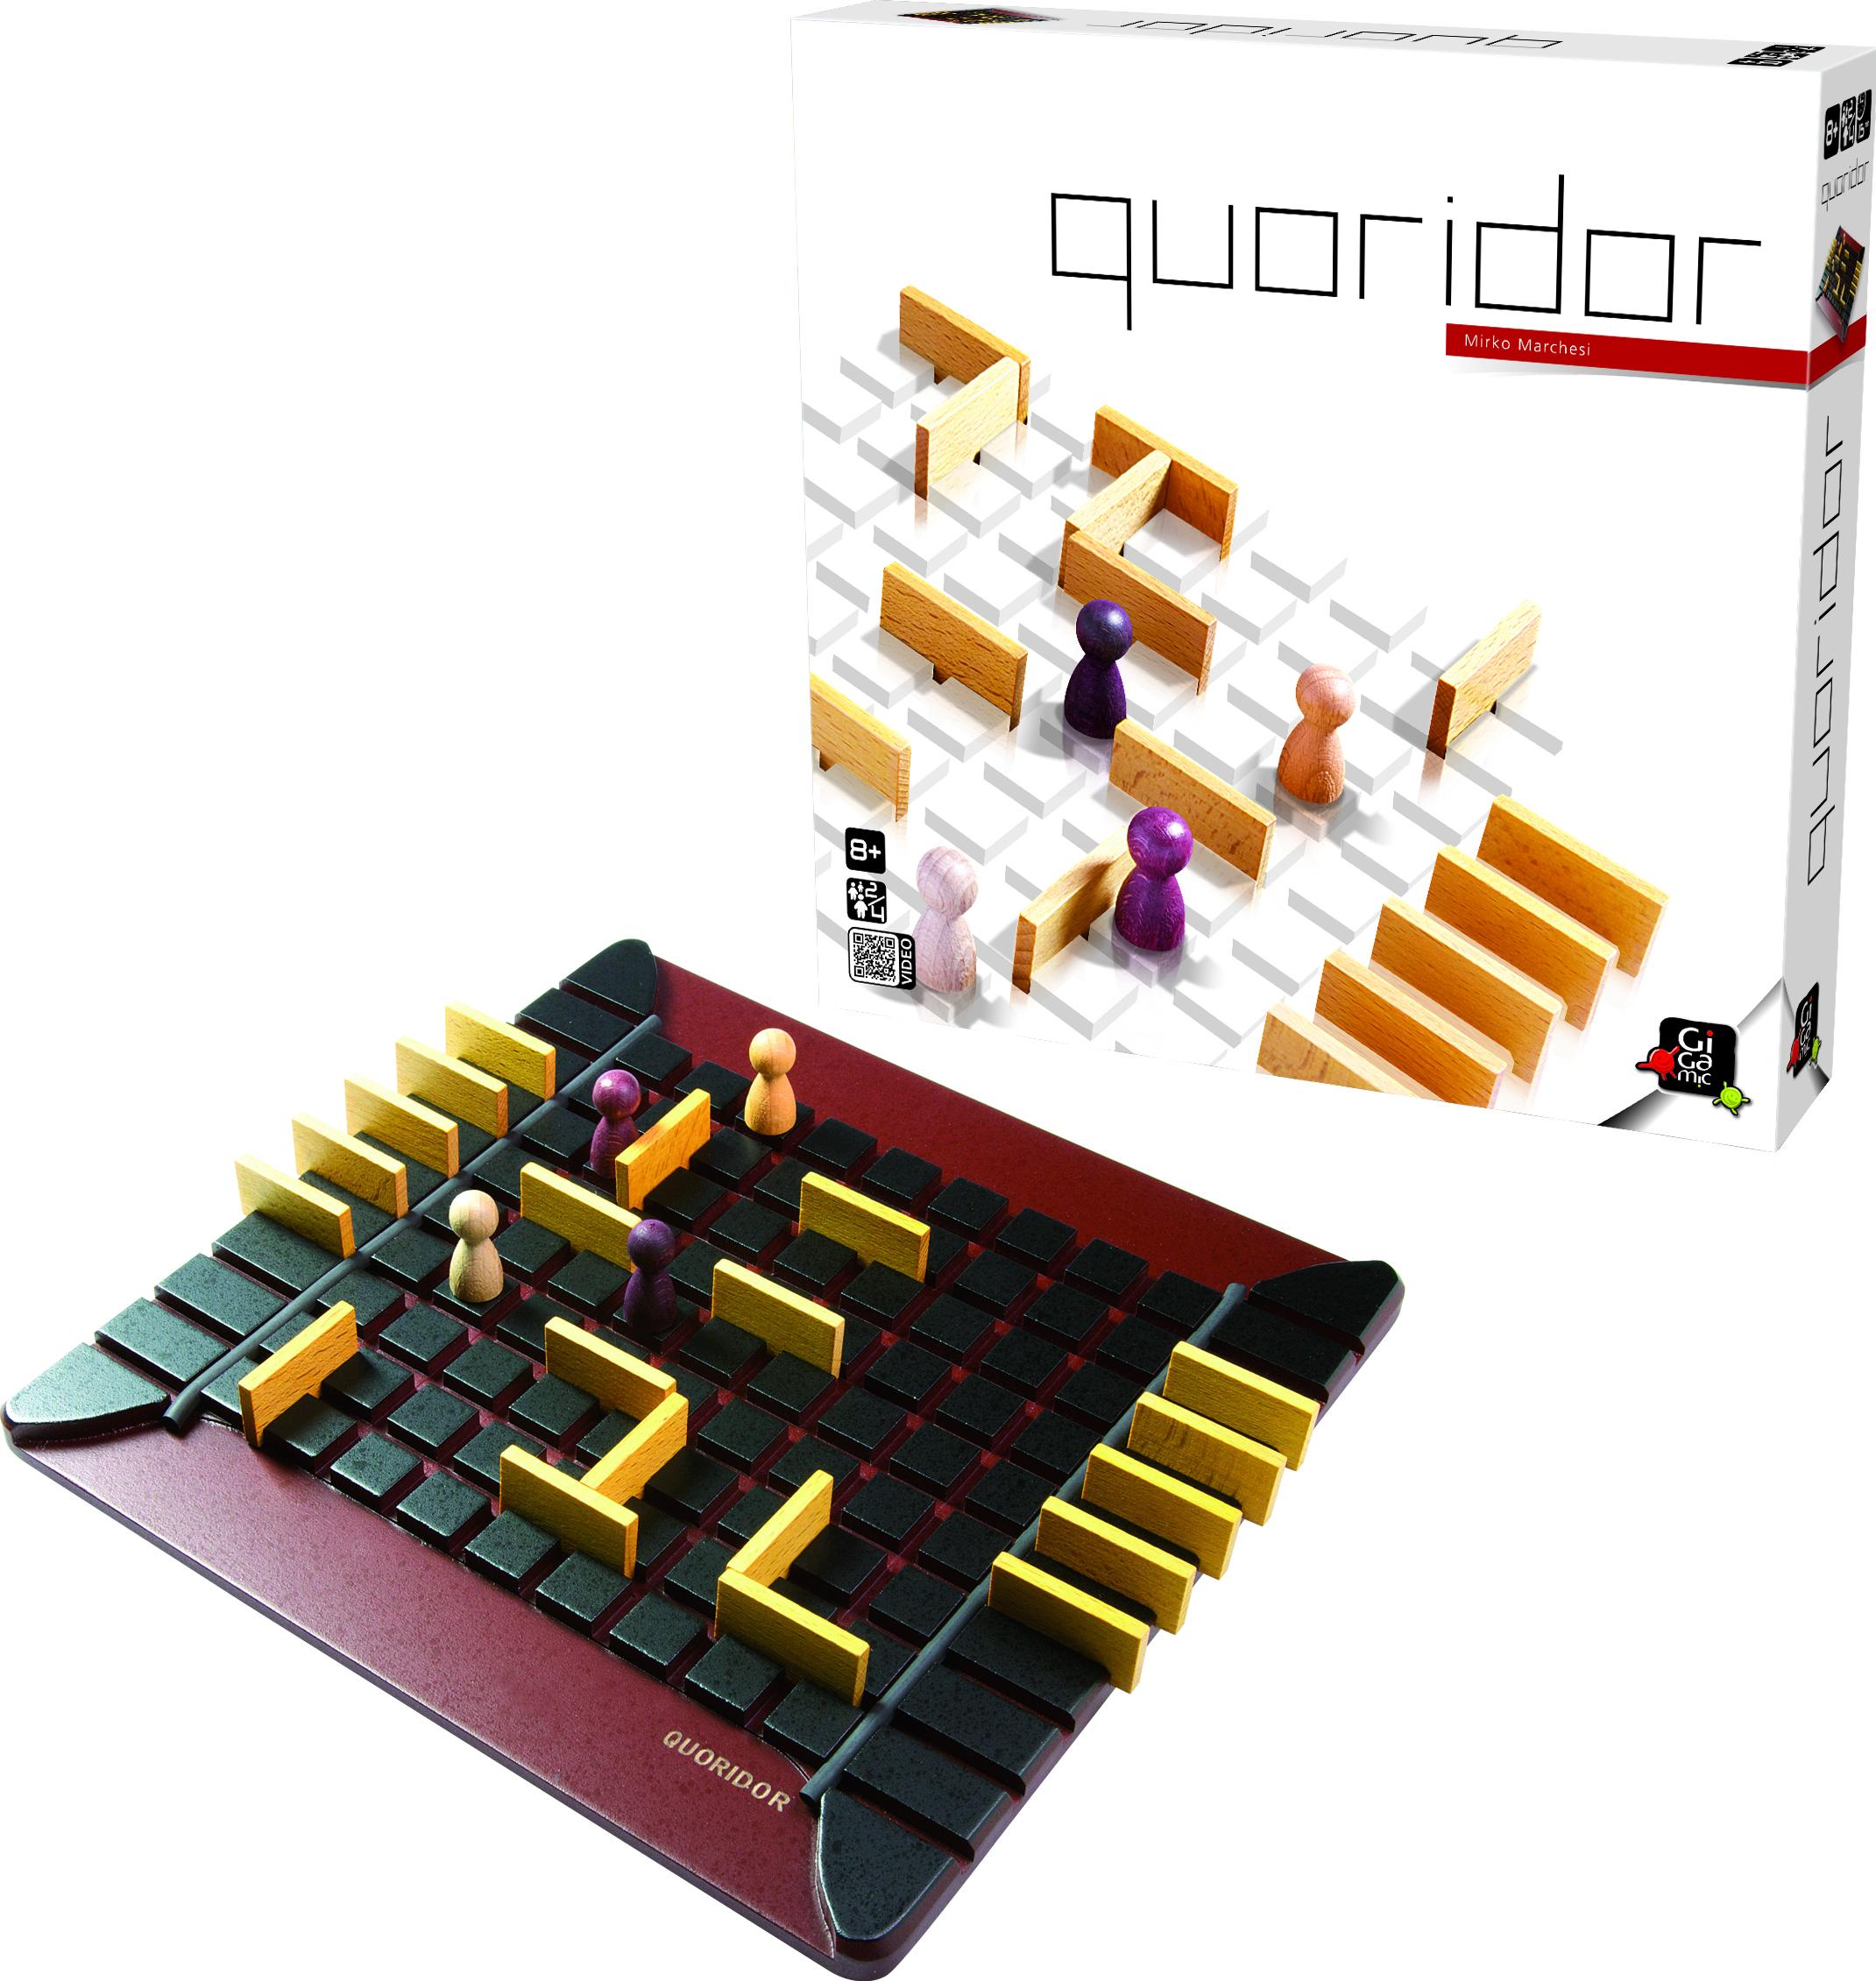 gigamic_gcqo_quioridor-classic-white-boxgame-right_hd-2013-1